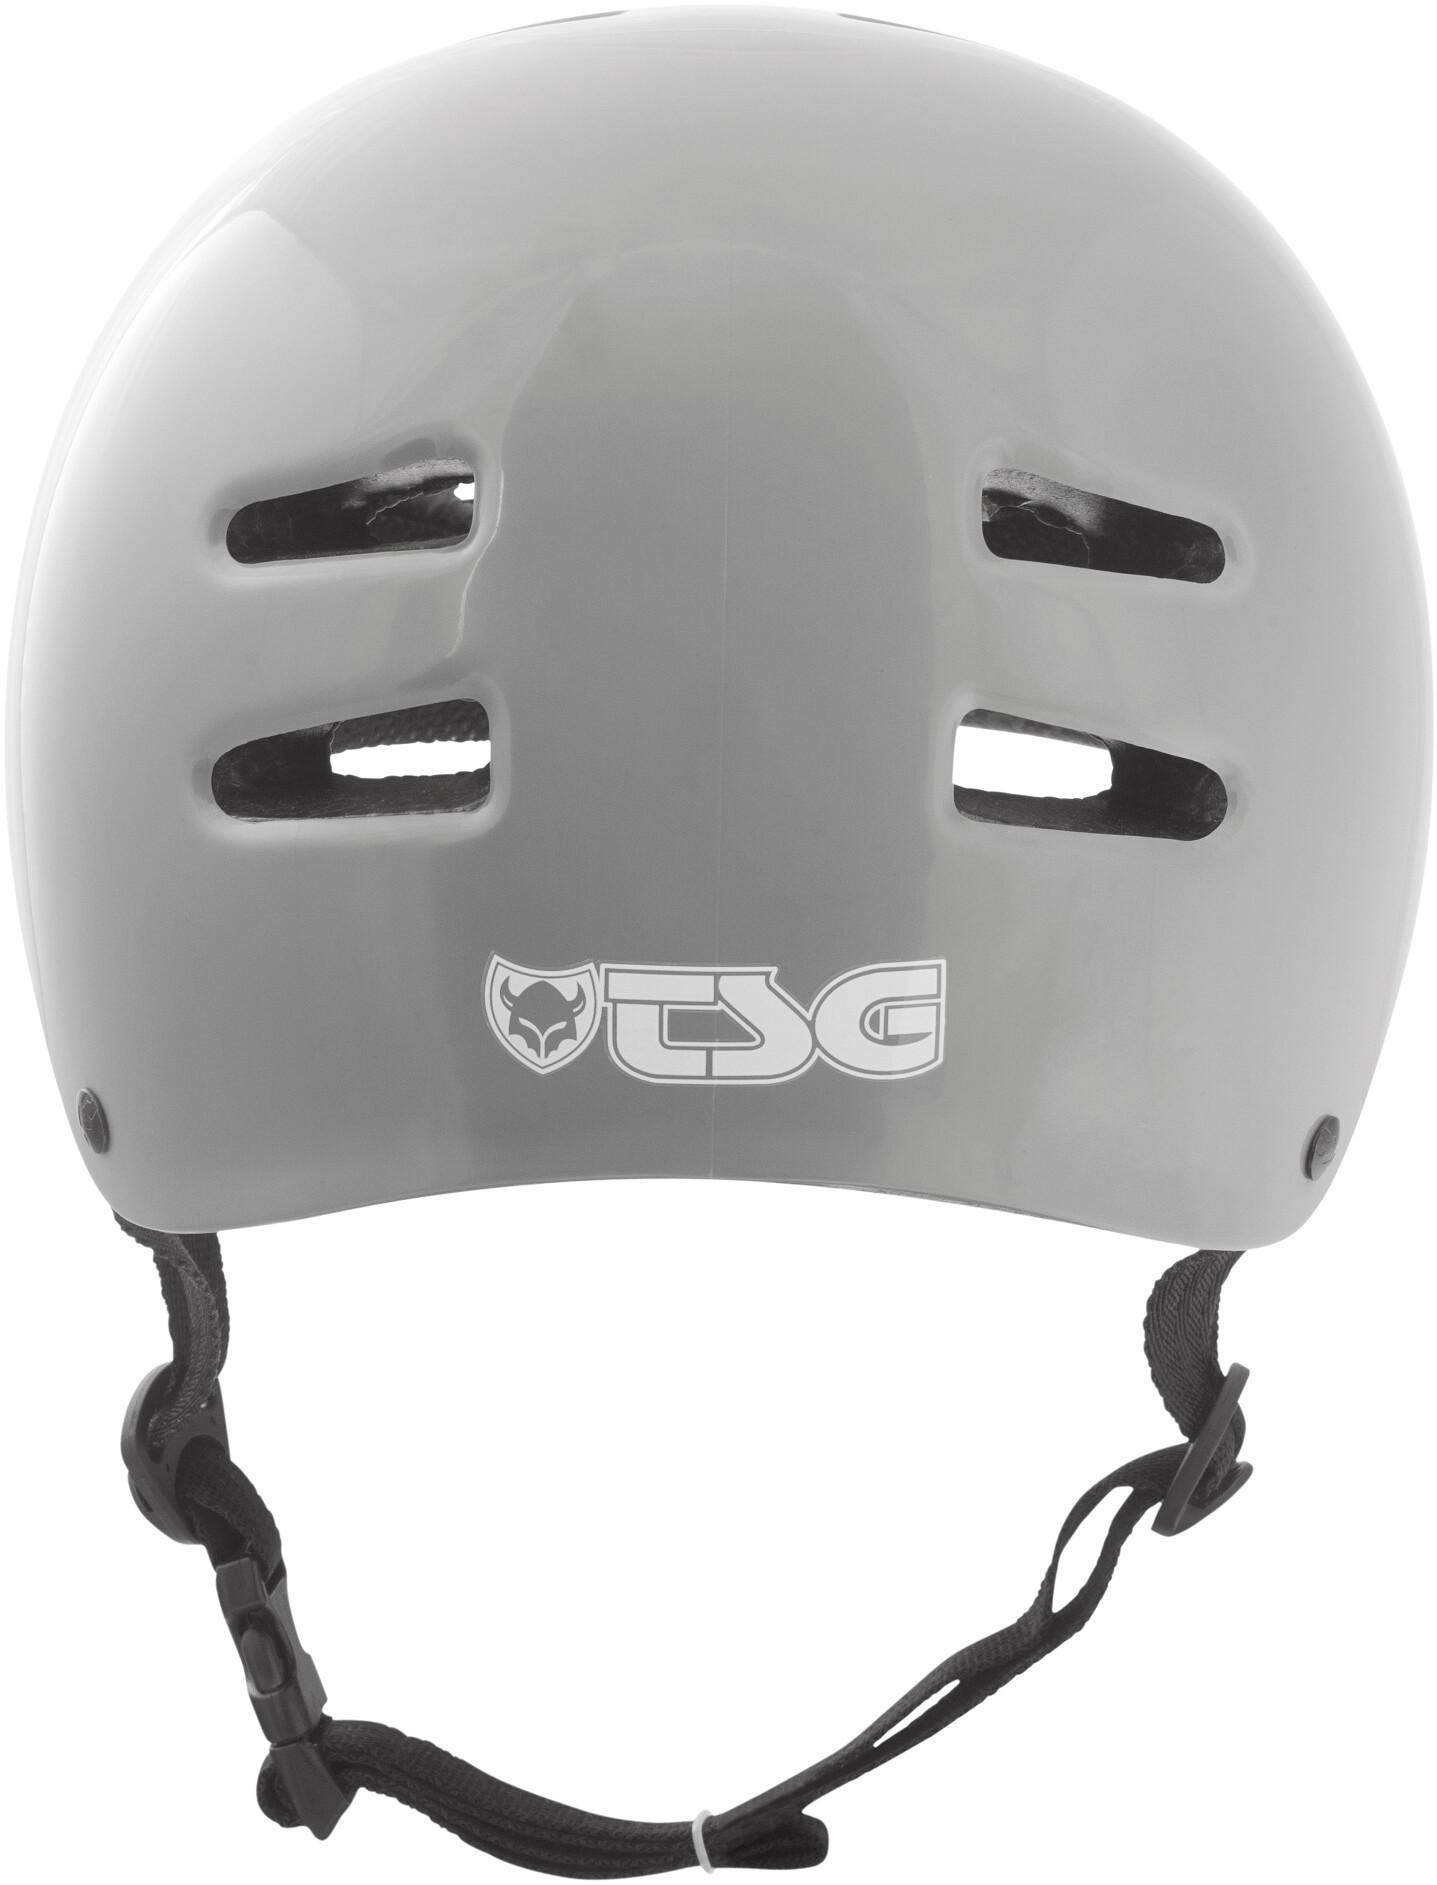 TSG SkateBMX Helmet Injected Black